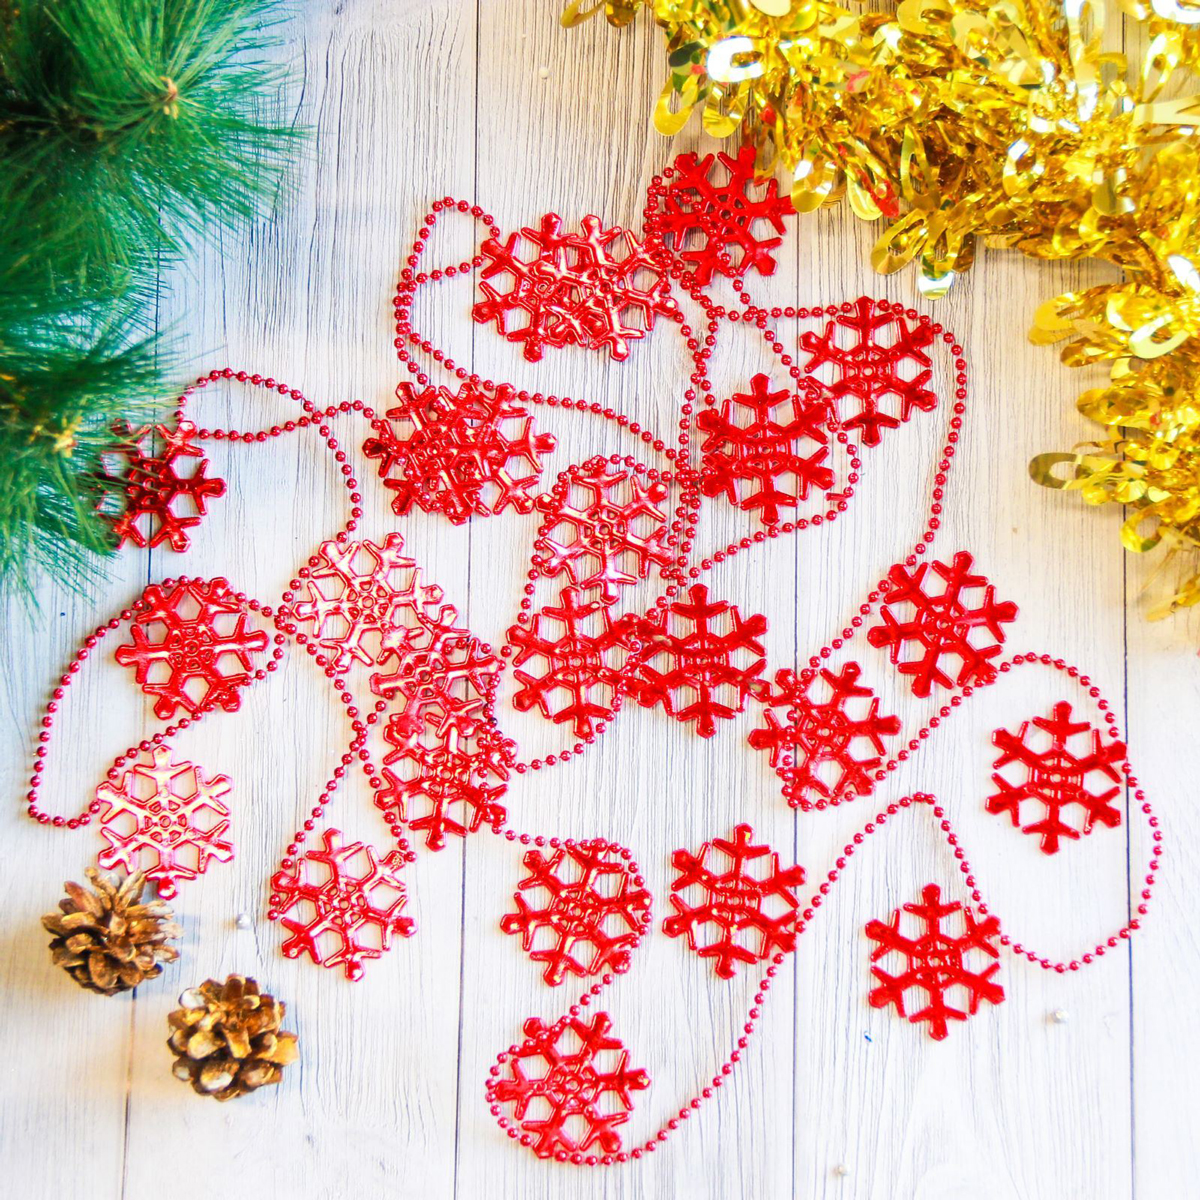 Бусы на елку Снежинки, цвет: красный, диаметр 4,7 см, длина 2,7 м2371383Невозможно представить нашу жизнь без праздников! Мы всегда ждем их и предвкушаем, обдумываем, как проведем памятный день, тщательно выбираем подарки и аксессуары, ведь именно они создают и поддерживают торжественный настрой. Это отличный выбор, который привнесет атмосферу праздника в ваш дом!